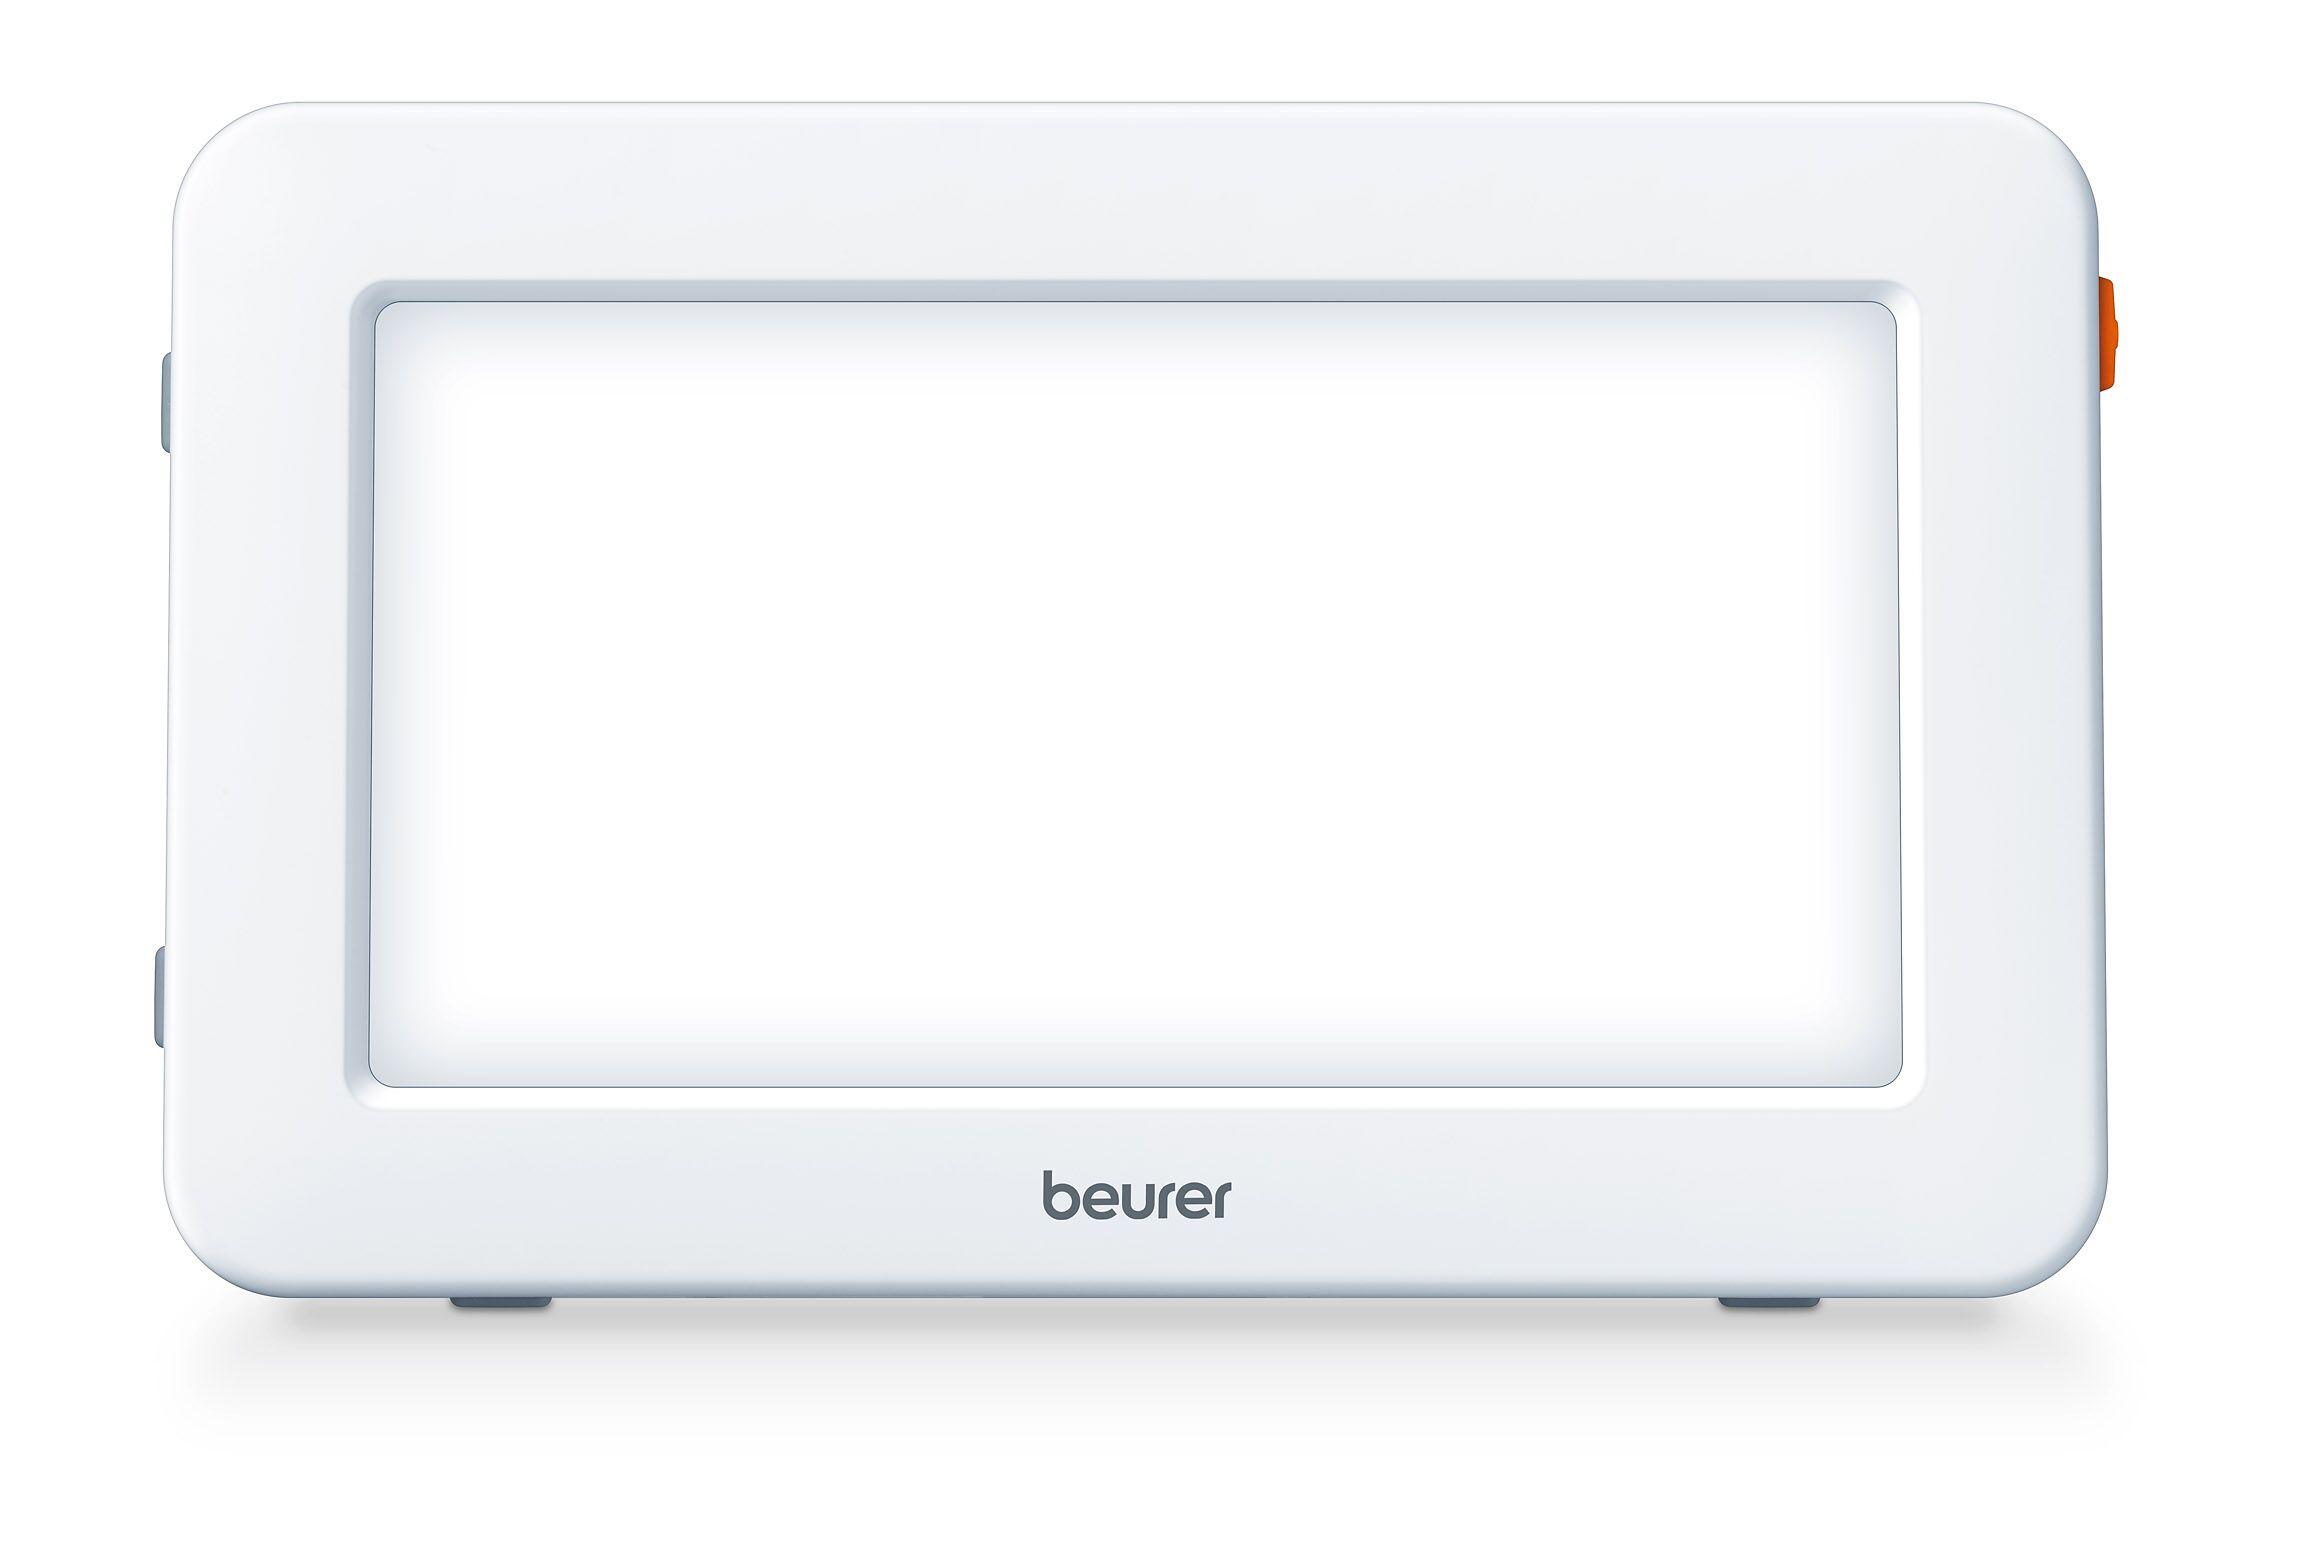 Beurer TL20